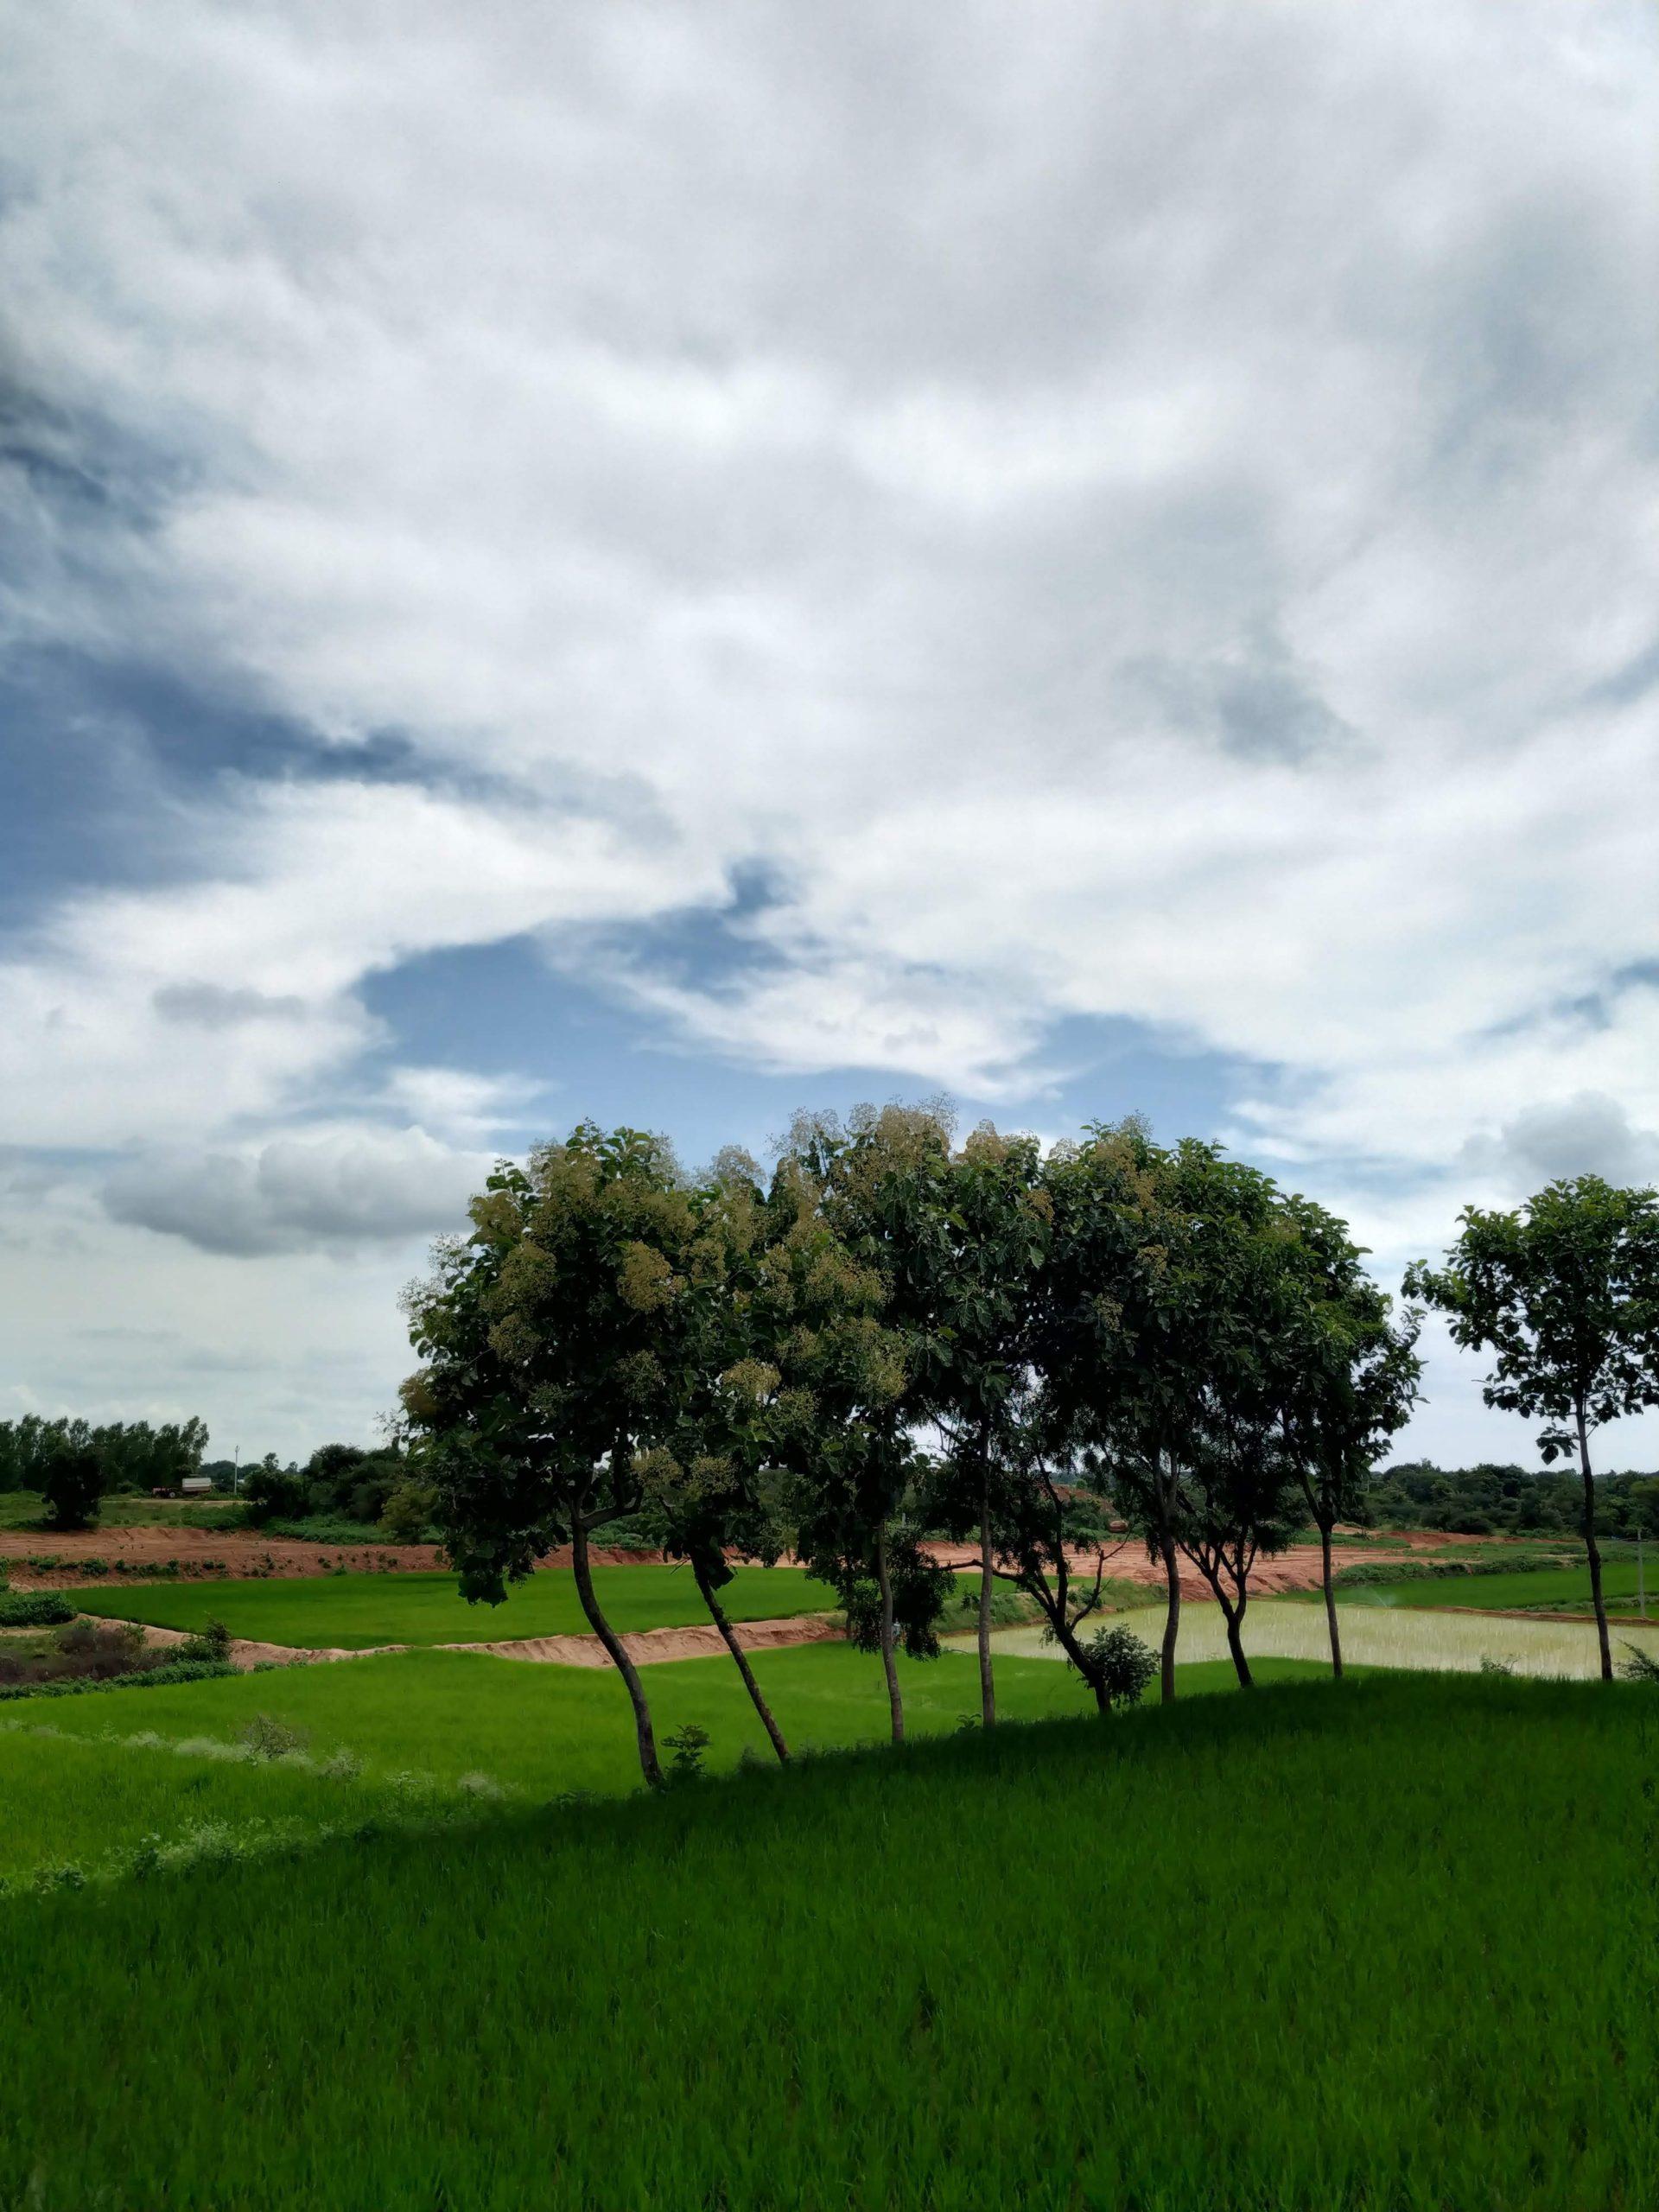 trees growing in a field